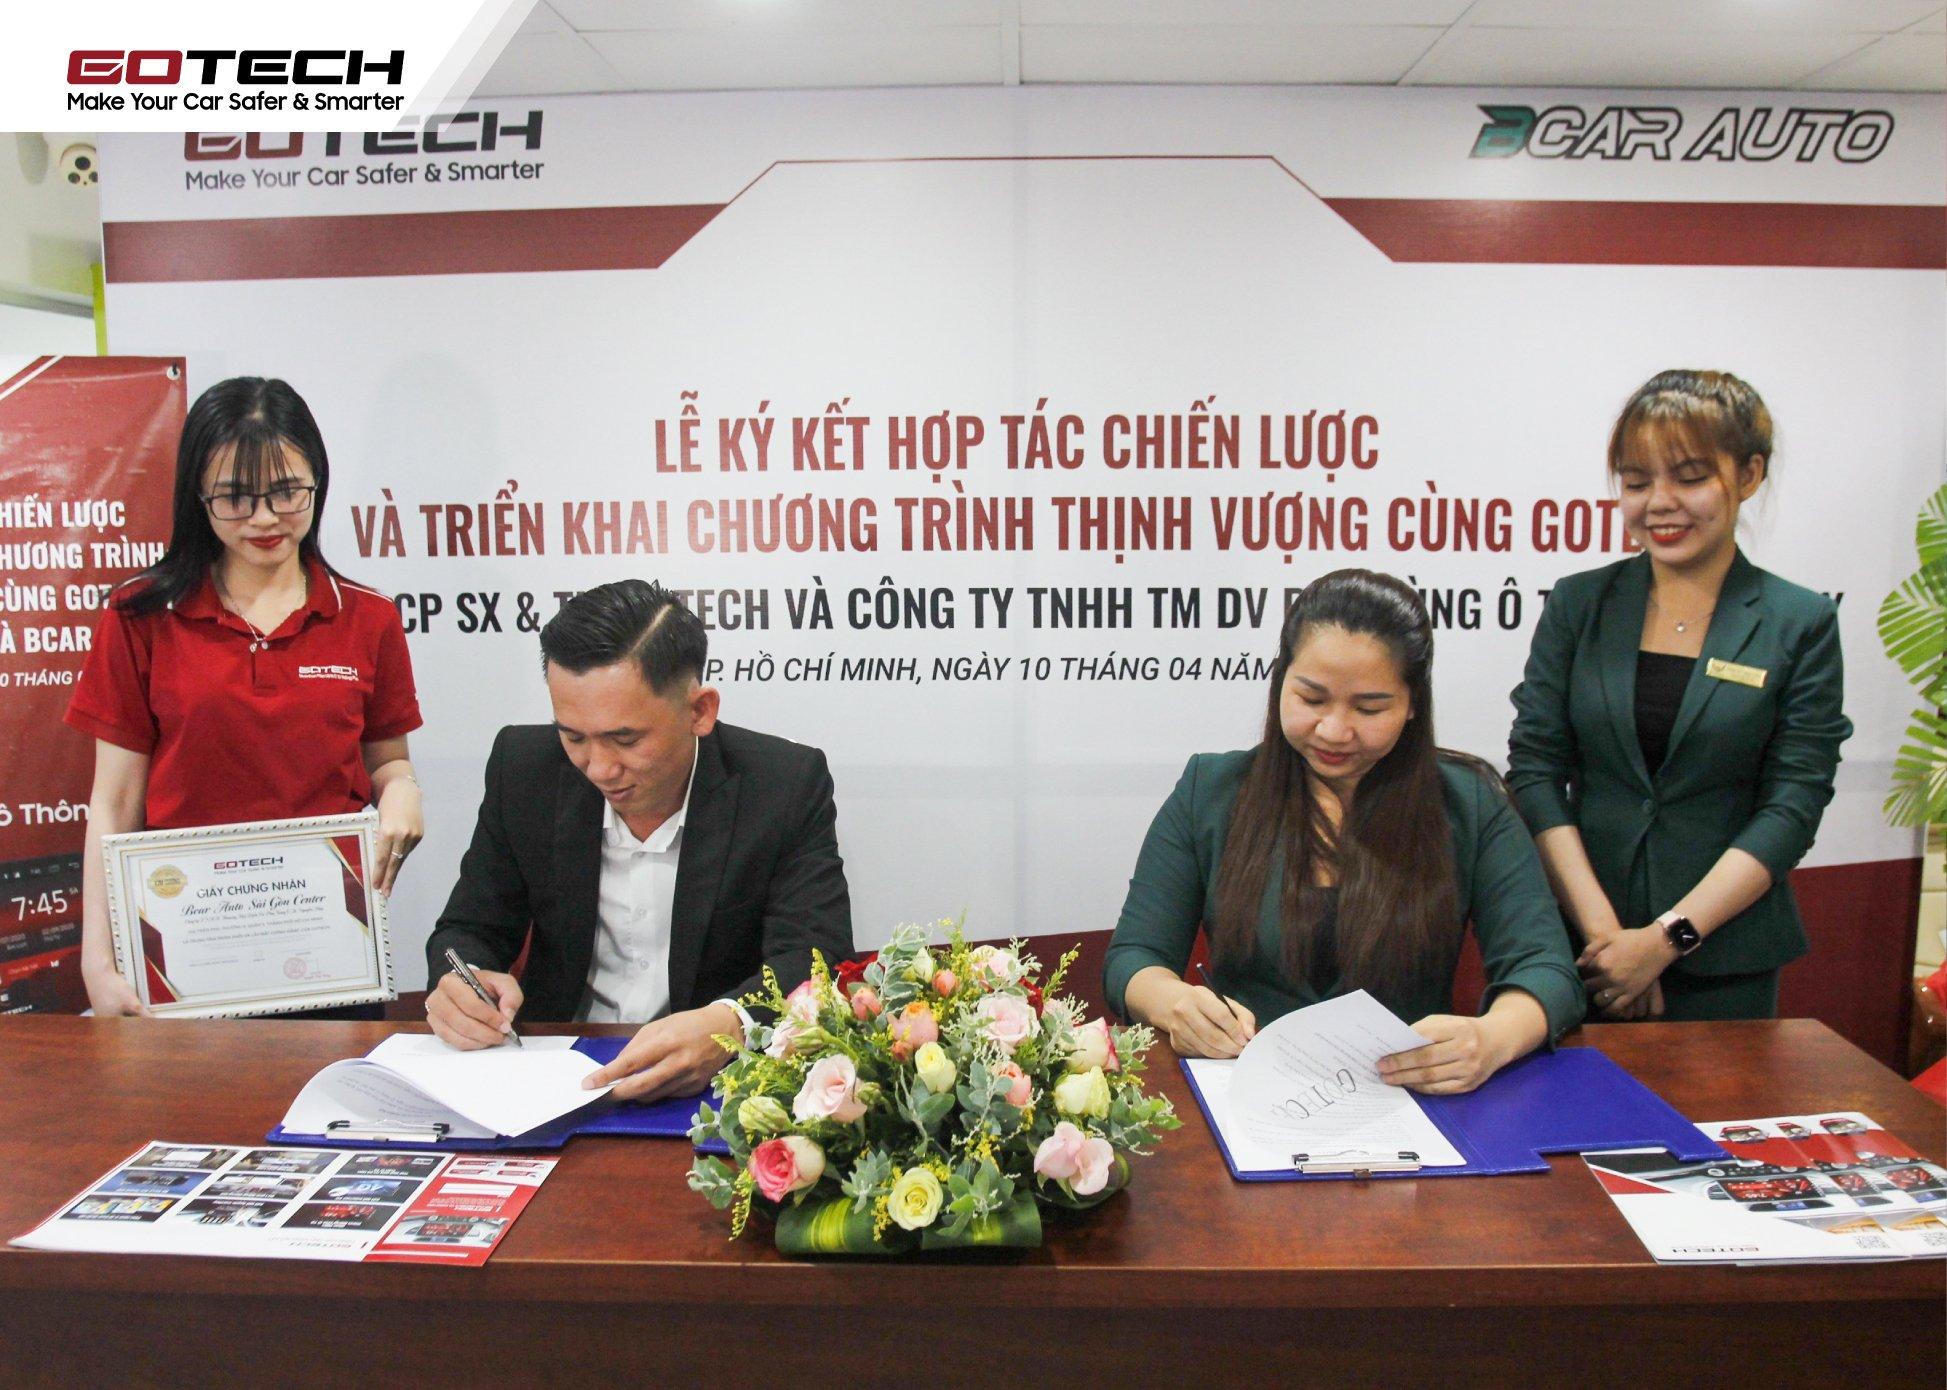 GOTECH và Bcar Auto Center trở thành đối tác thân thiết của nhau, cùng nỗ lực vì sự thịnh vượng chung.